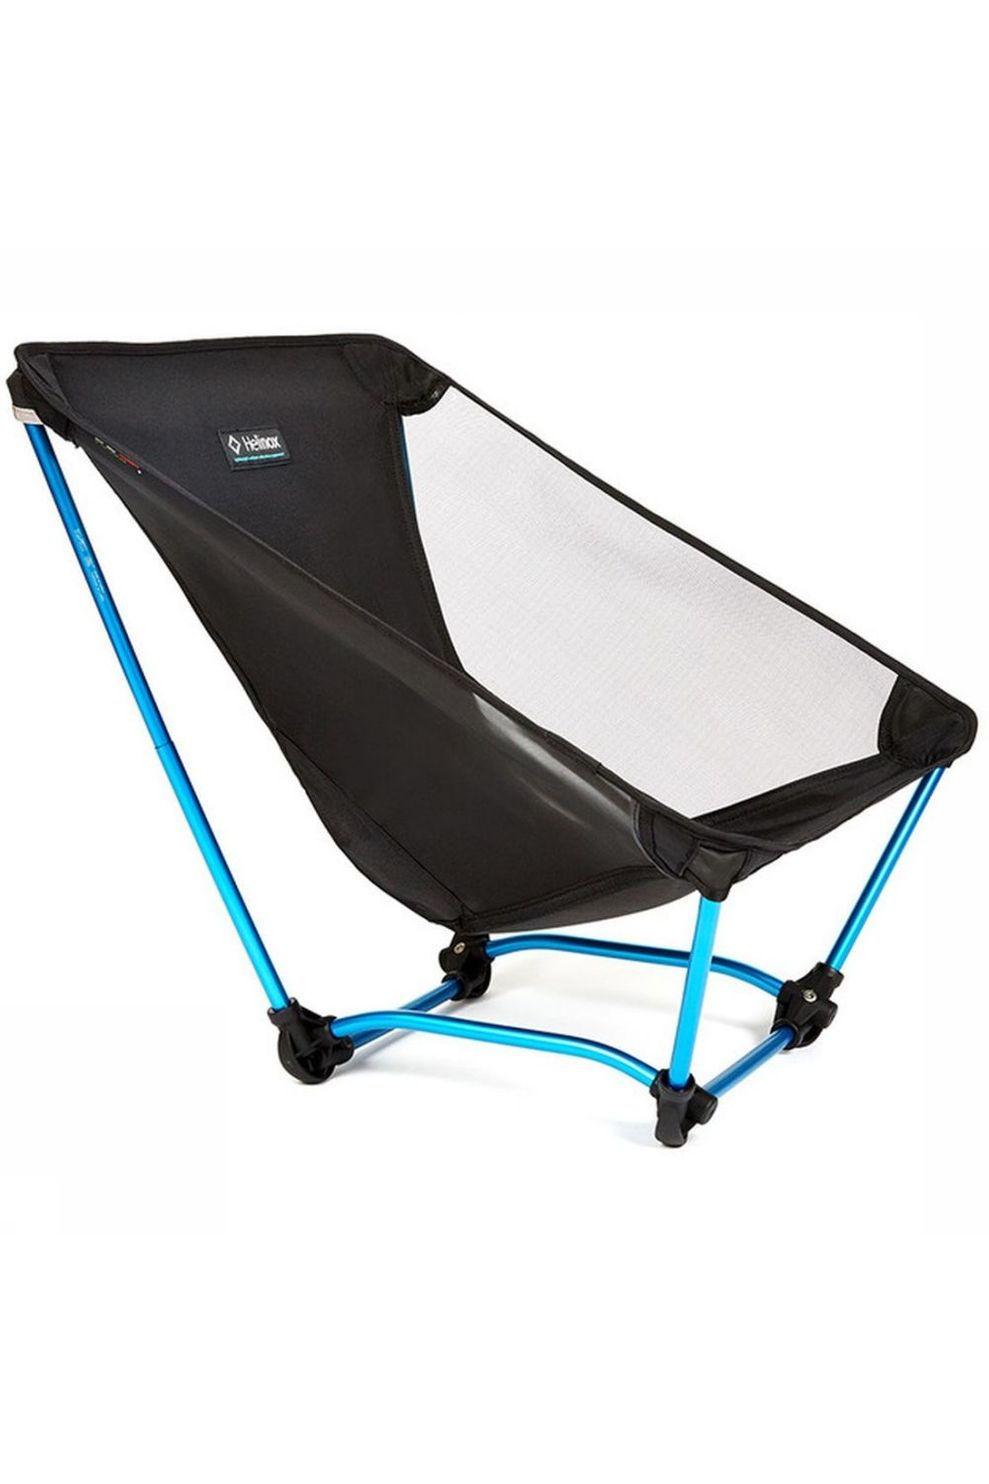 Helinox Reisstoel Compact Ground Chair - Zwart/Blauw